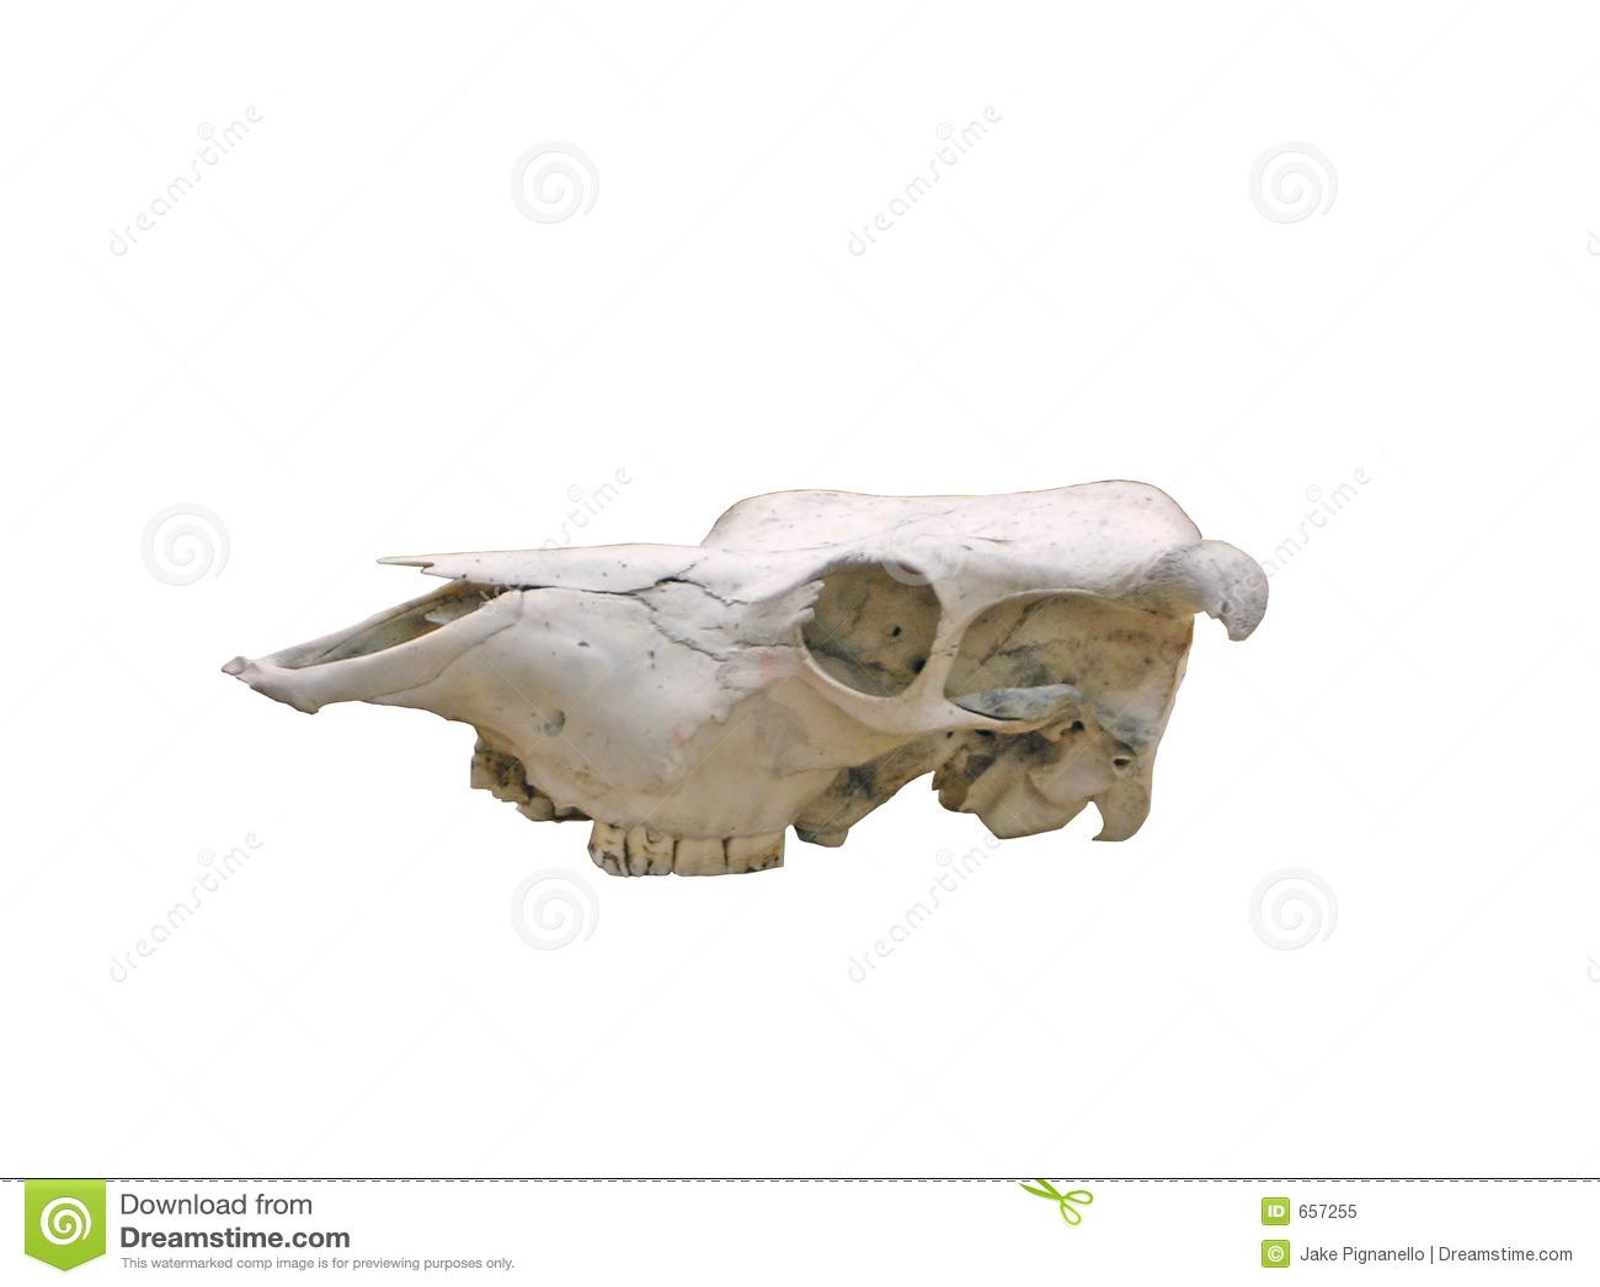 Kuh-Schädel mit Pfad stockbild. Bild von knochen, vieh - 657255